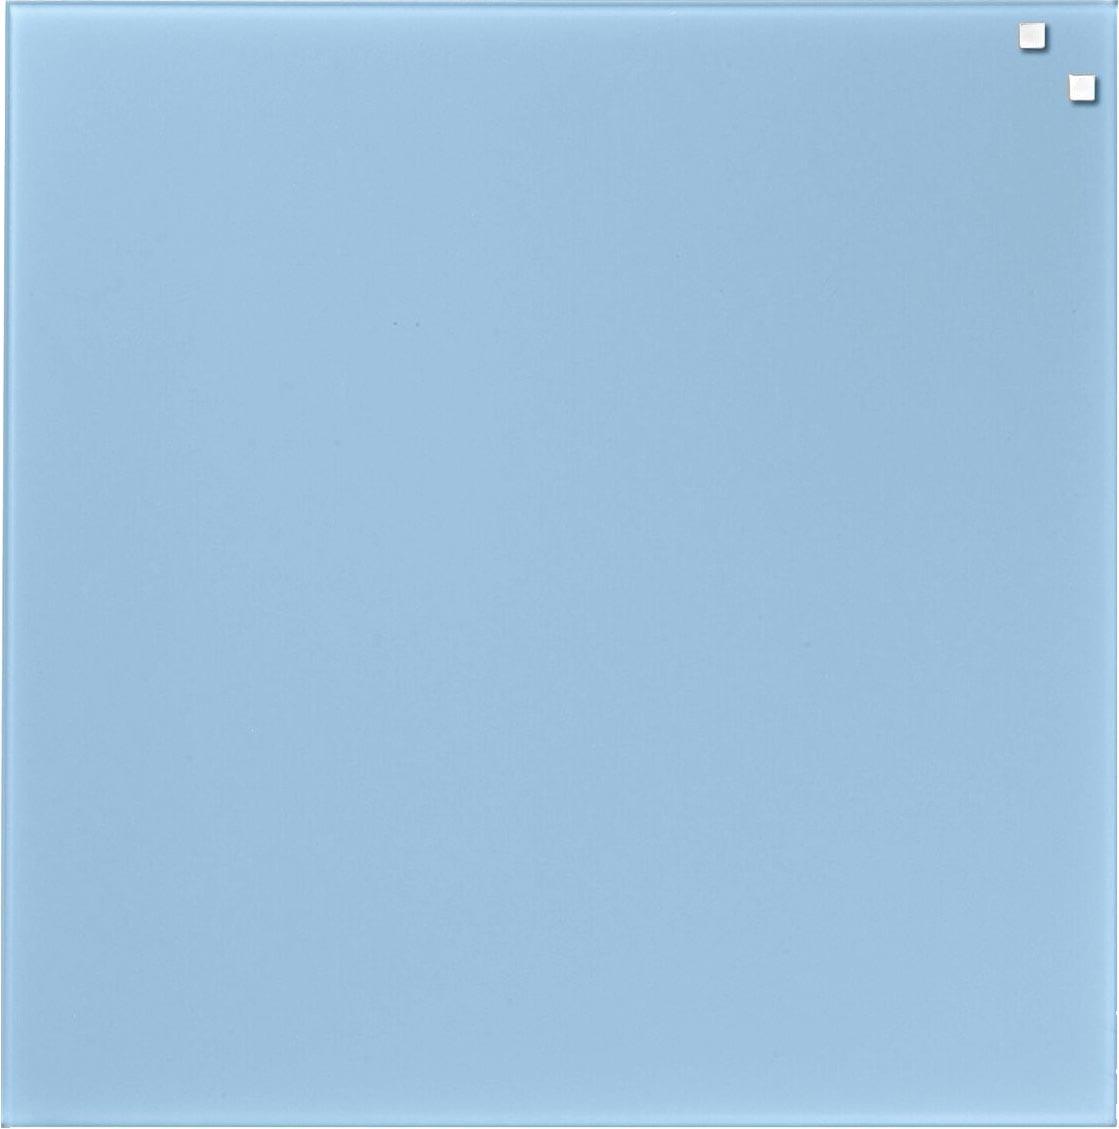 Naga magnetisch glasbord ft 45 x 45, lichtblauw